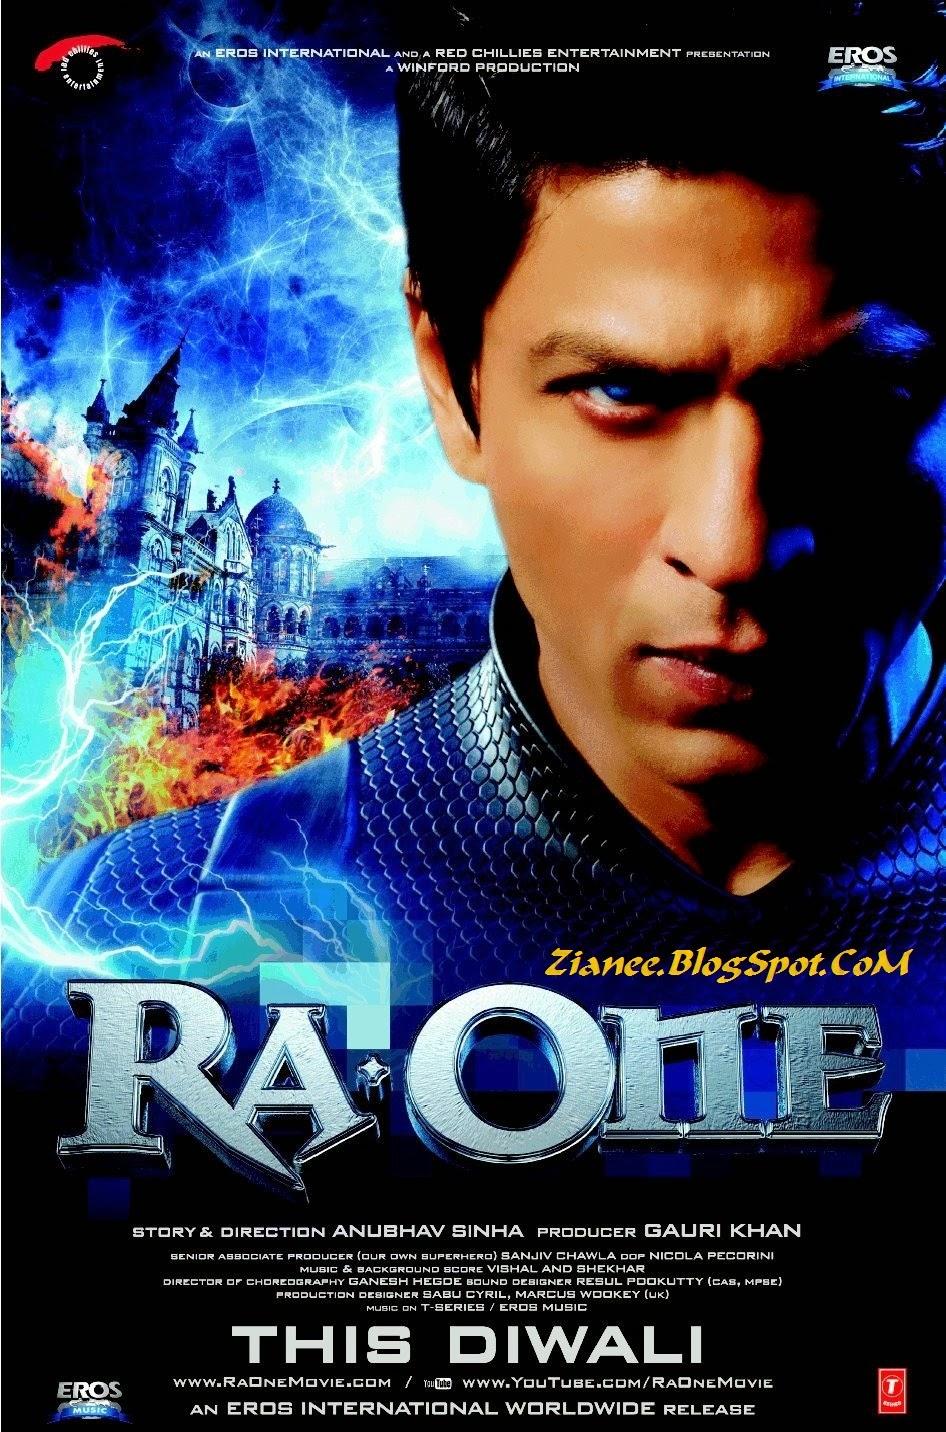 فيلم الاكشن الهندي Ra One 2011 لشاروخان عالم بوليوود